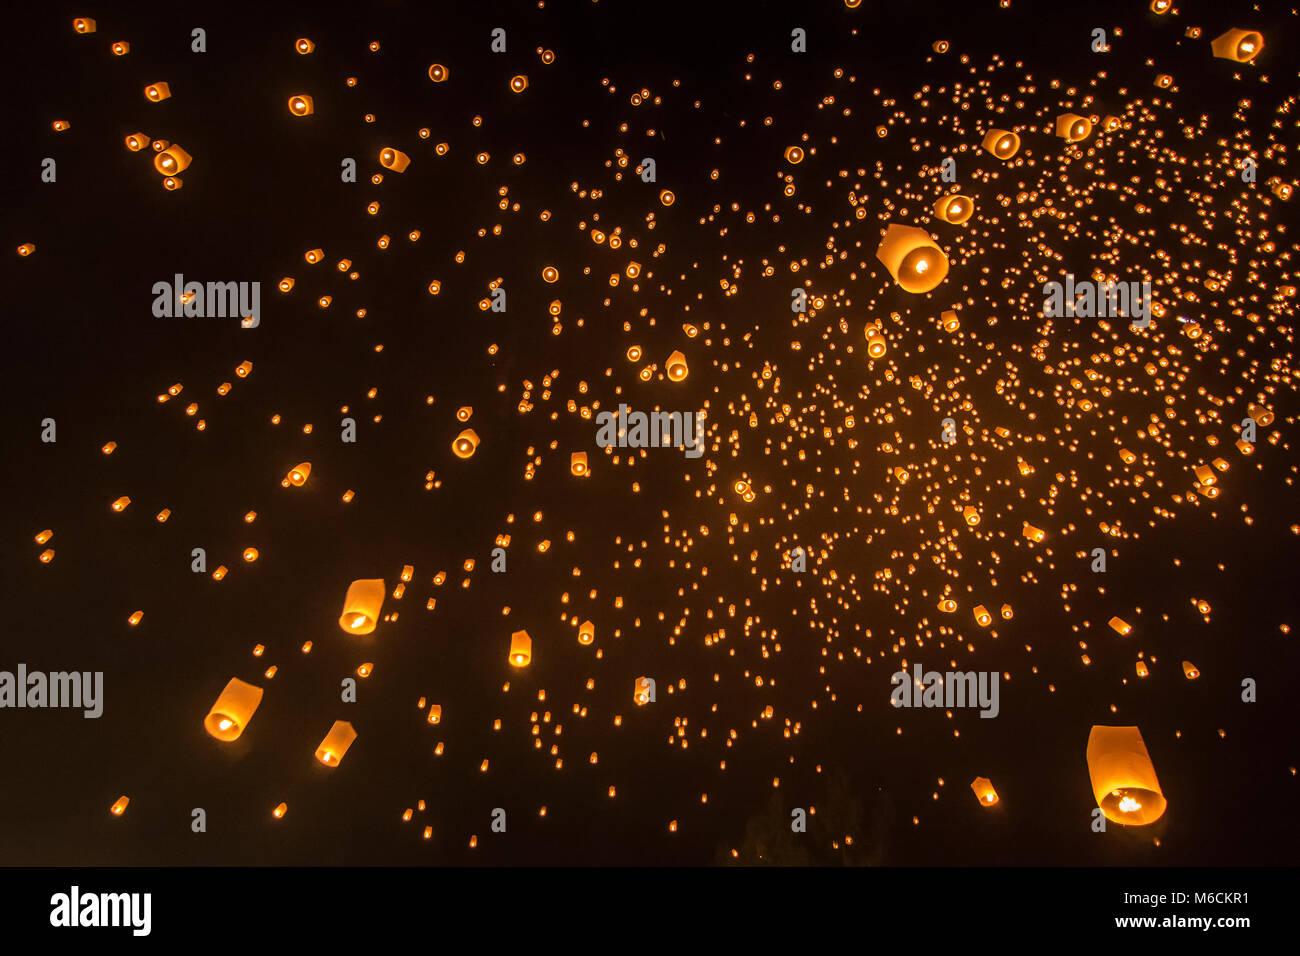 Un grand nombre de lanternes feu flotte sur ciel de nuit dans la région de Loy Krathong festival à Chiang Mai, Thaïlande. Banque D'Images